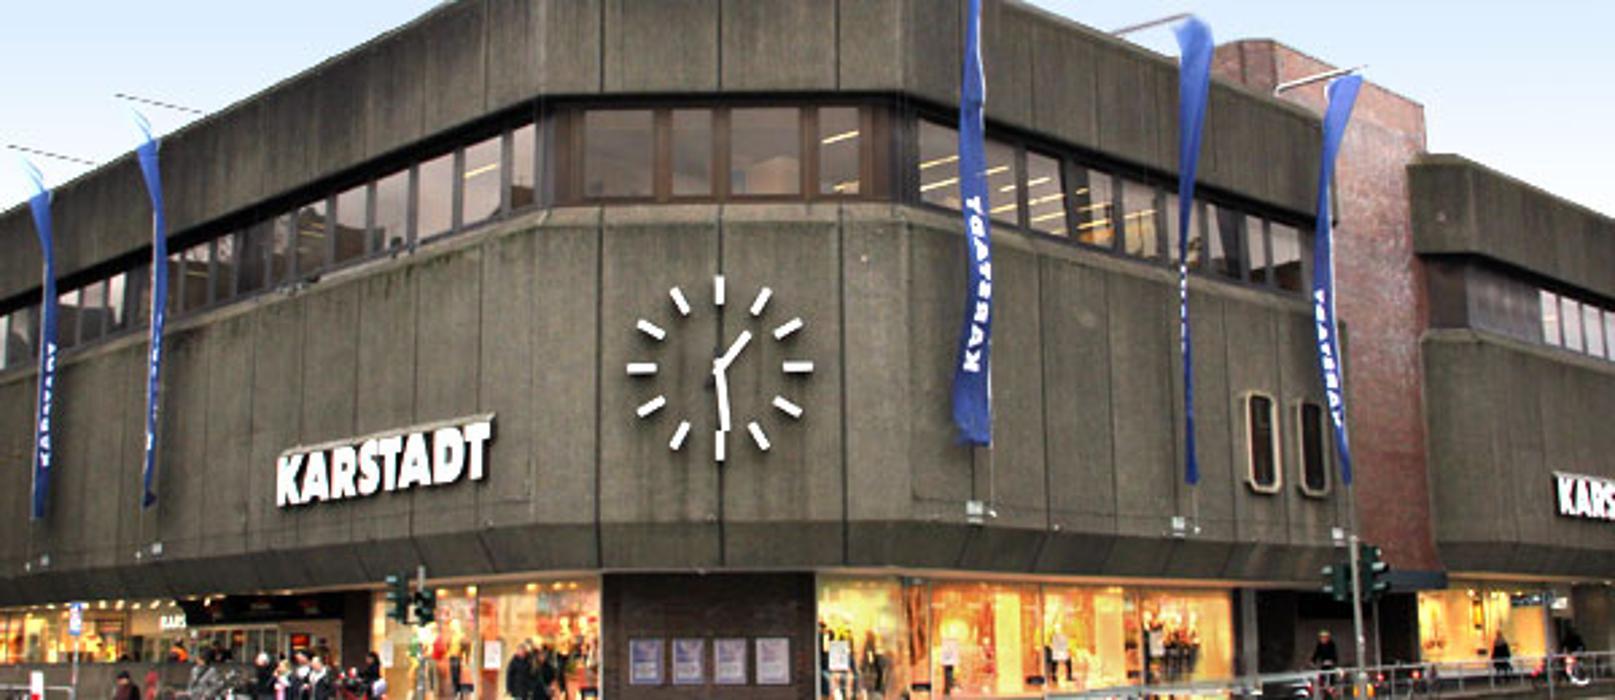 GALERIA (Karstadt) Hamburg Eimsbüttel, Osterstr. in Hamburg